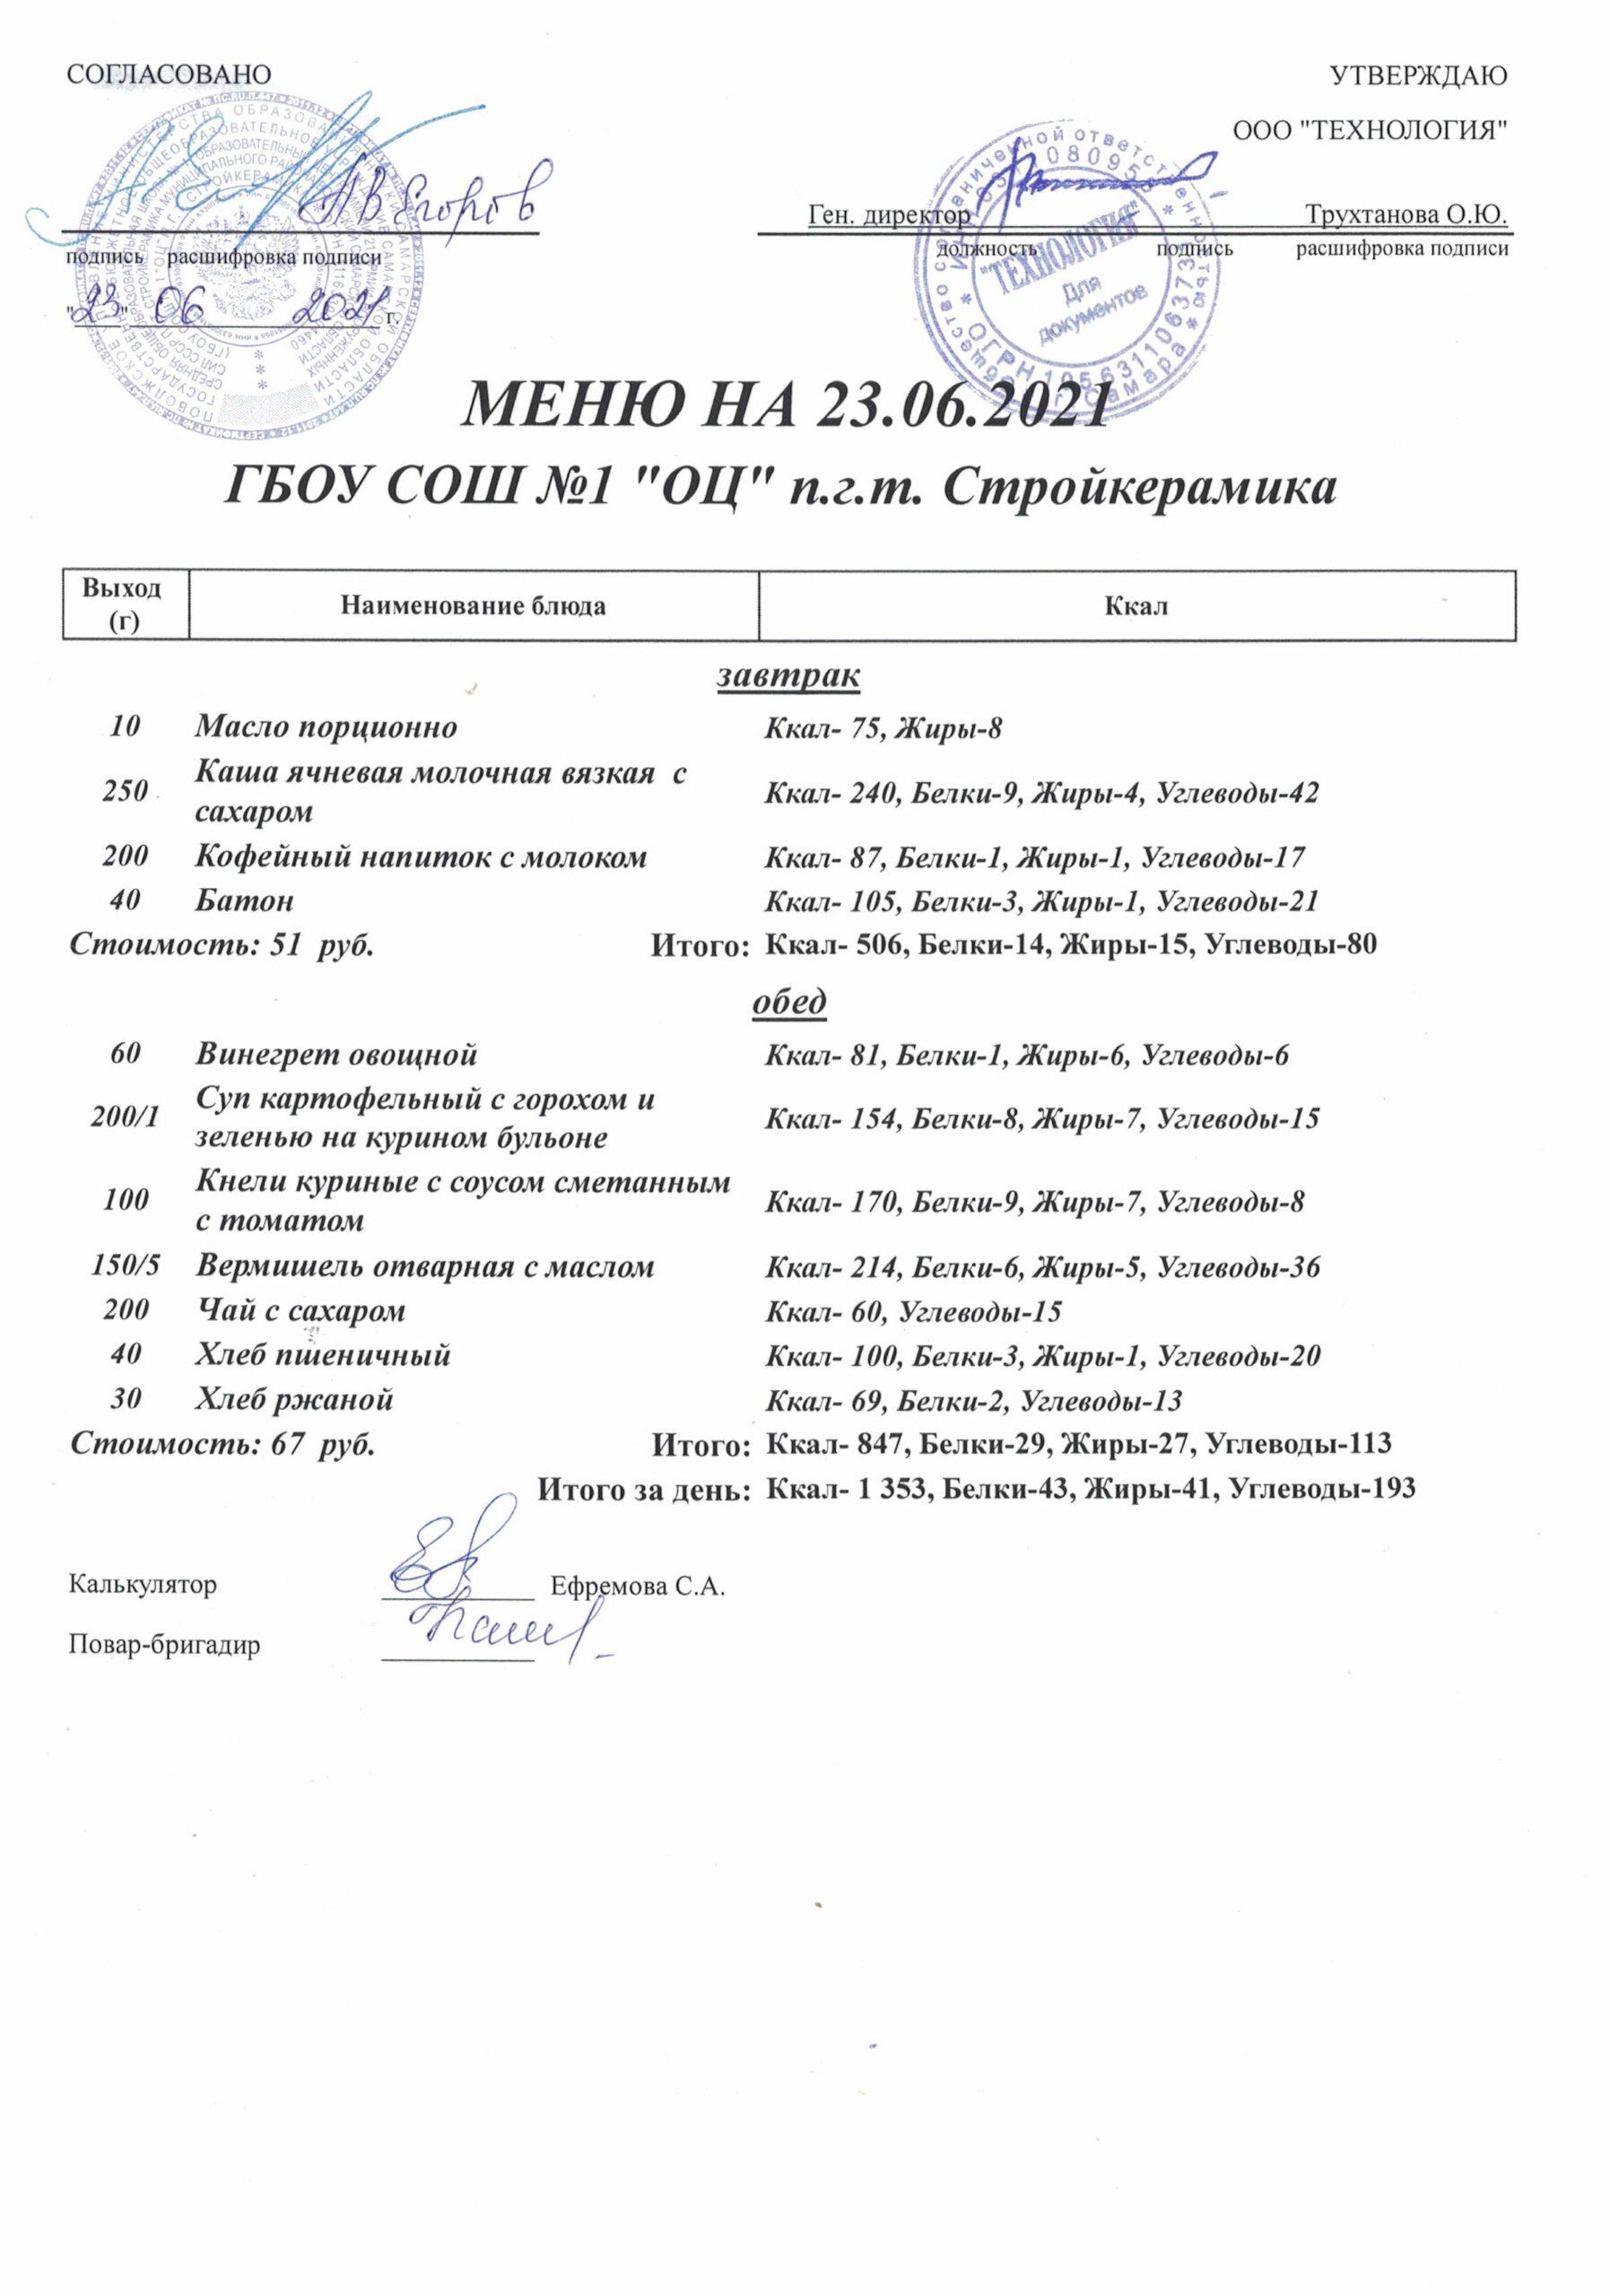 E6E424C9-EFD2-44F5-9AEC-74C79578B034